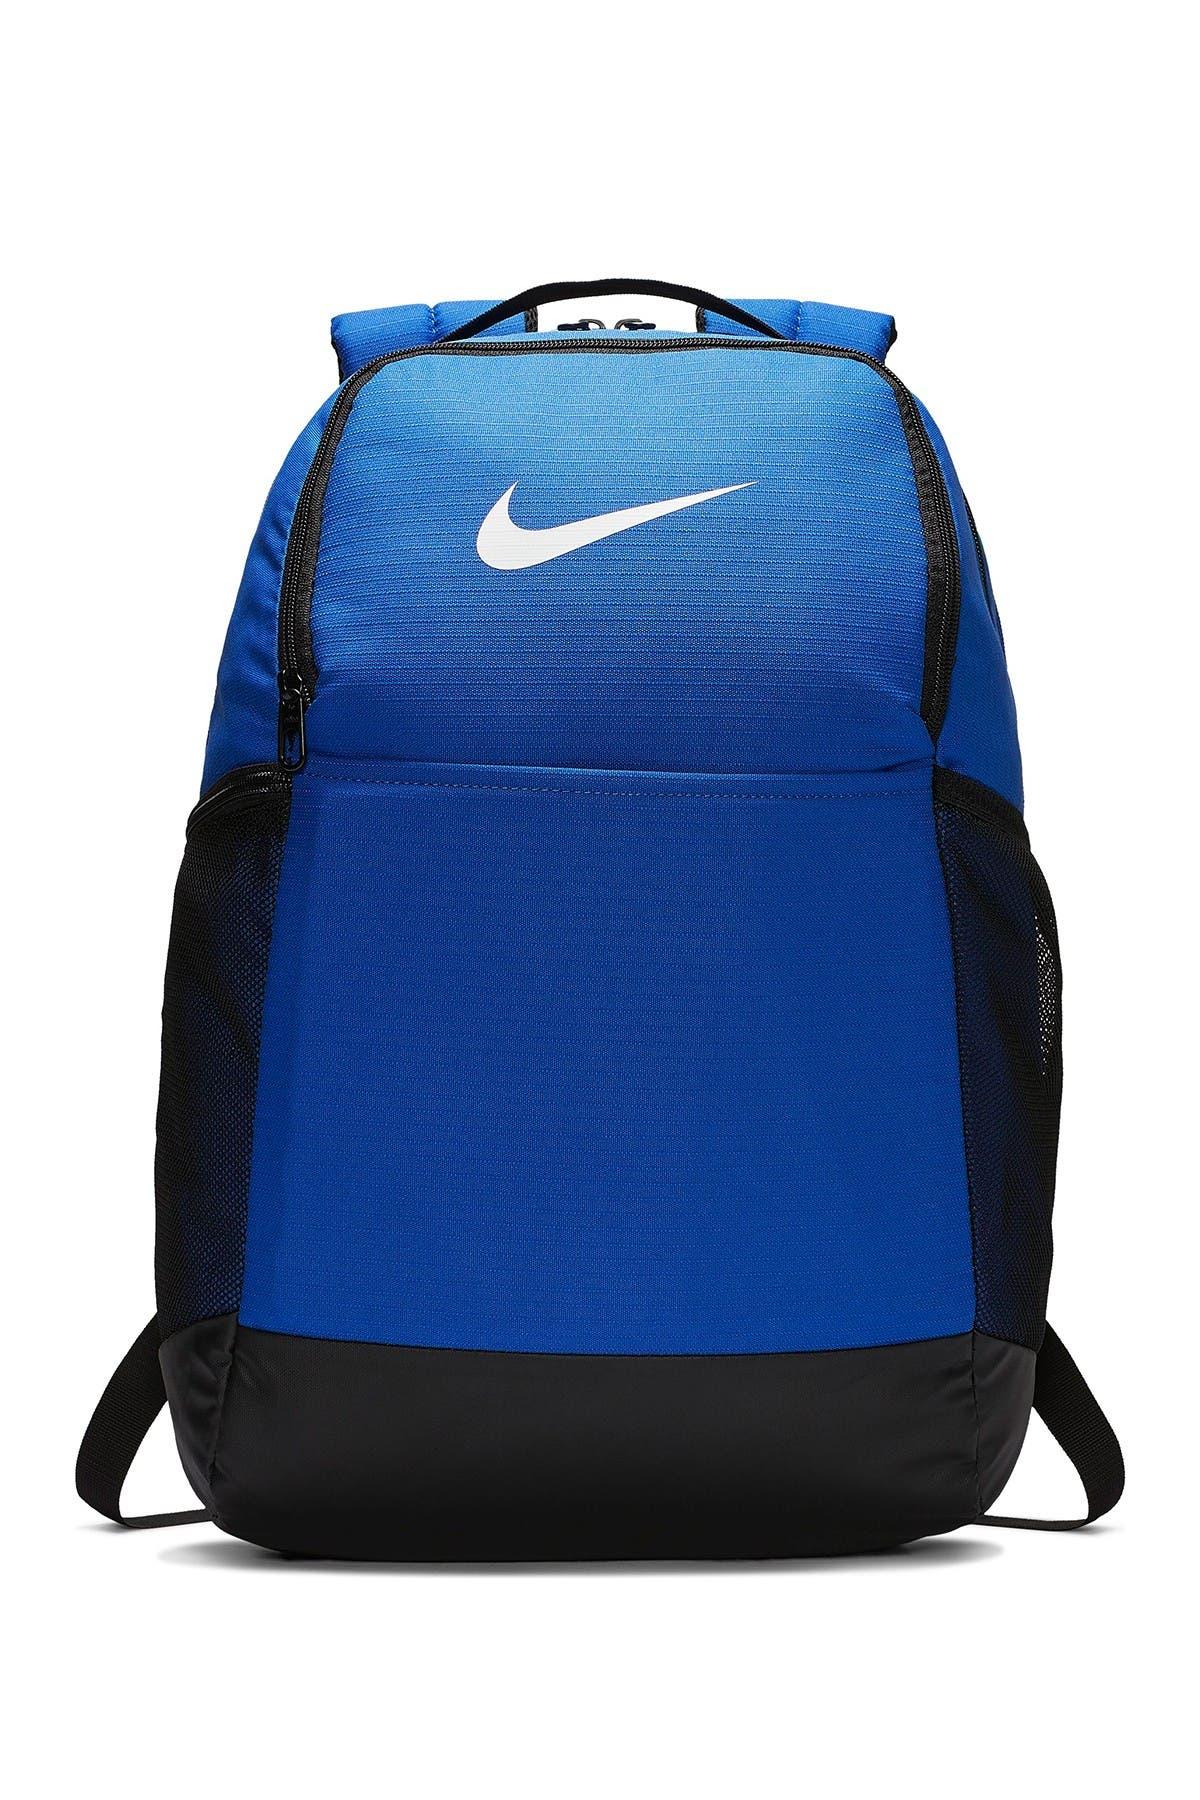 Image of Nike Brasilia Backpack